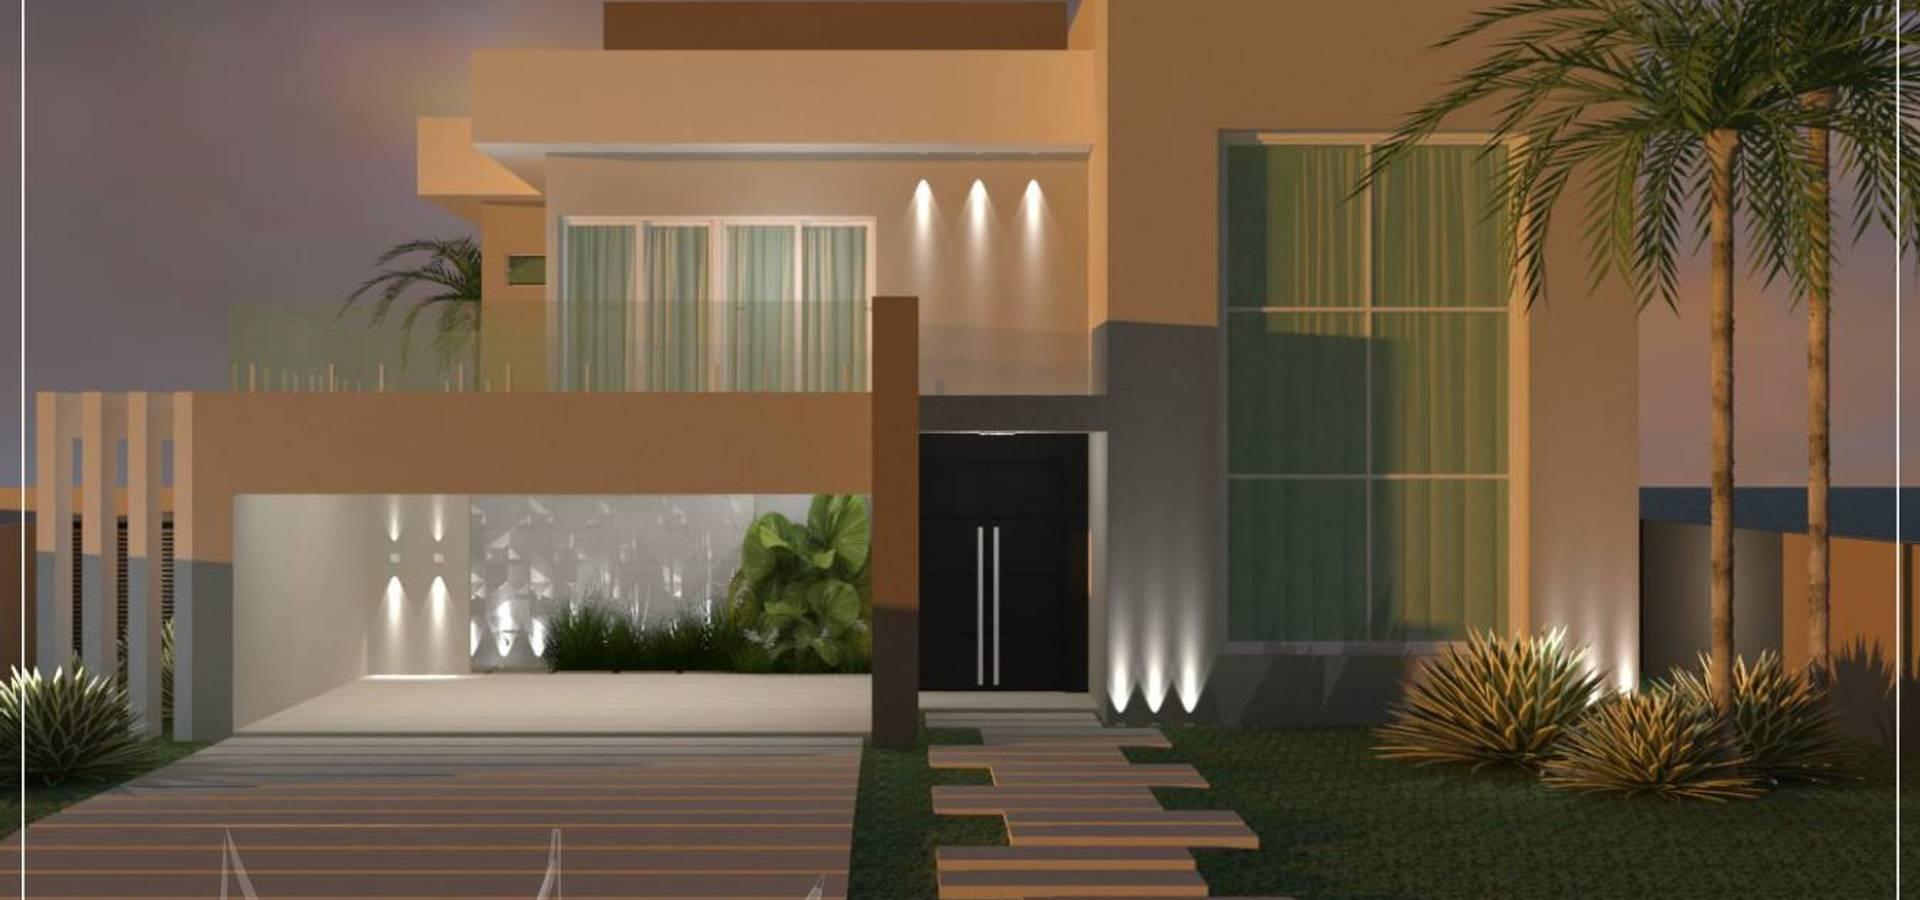 Projeto arquitet nico e interiores r l de casa moderna for Design casa moderna